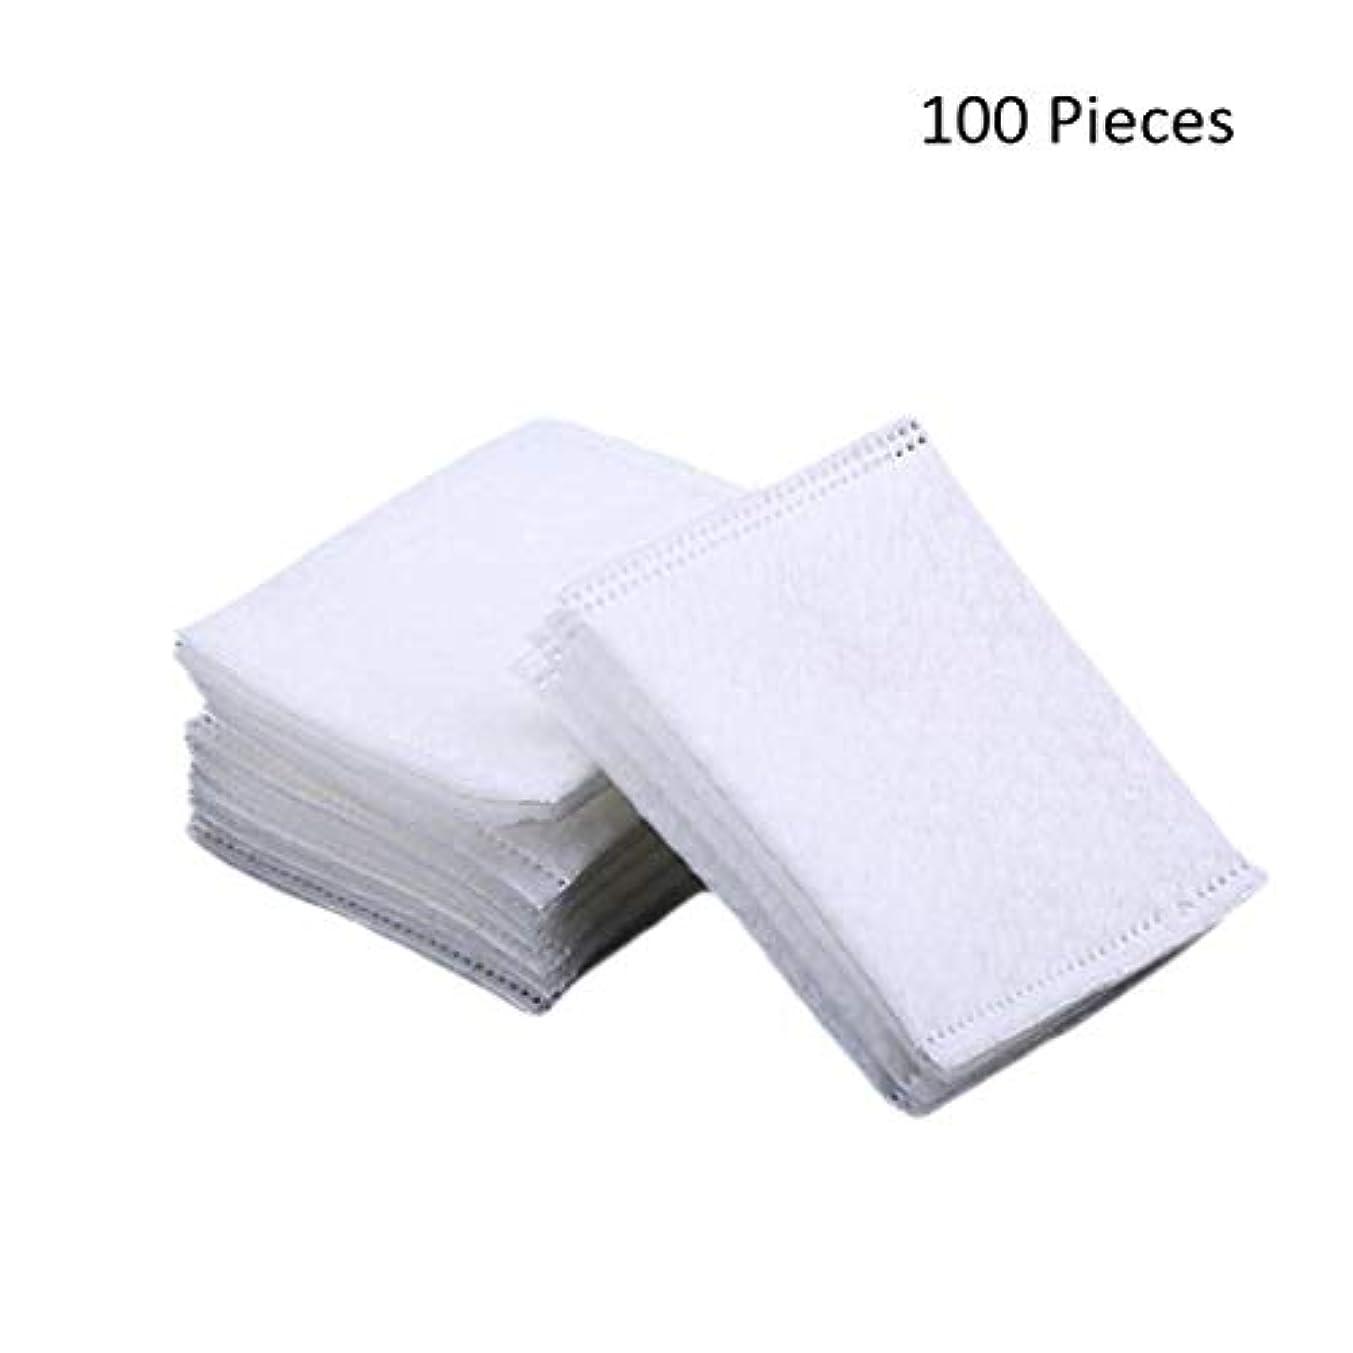 私たち自身病んでいる教養がある50/100/220ピースダブルサイドフェイスメイクアップリムーバーコットンパッド密封旅行削除コットンパッドスキン化粧品メイクアップツール (Color : White, サイズ : 100 Pieces)